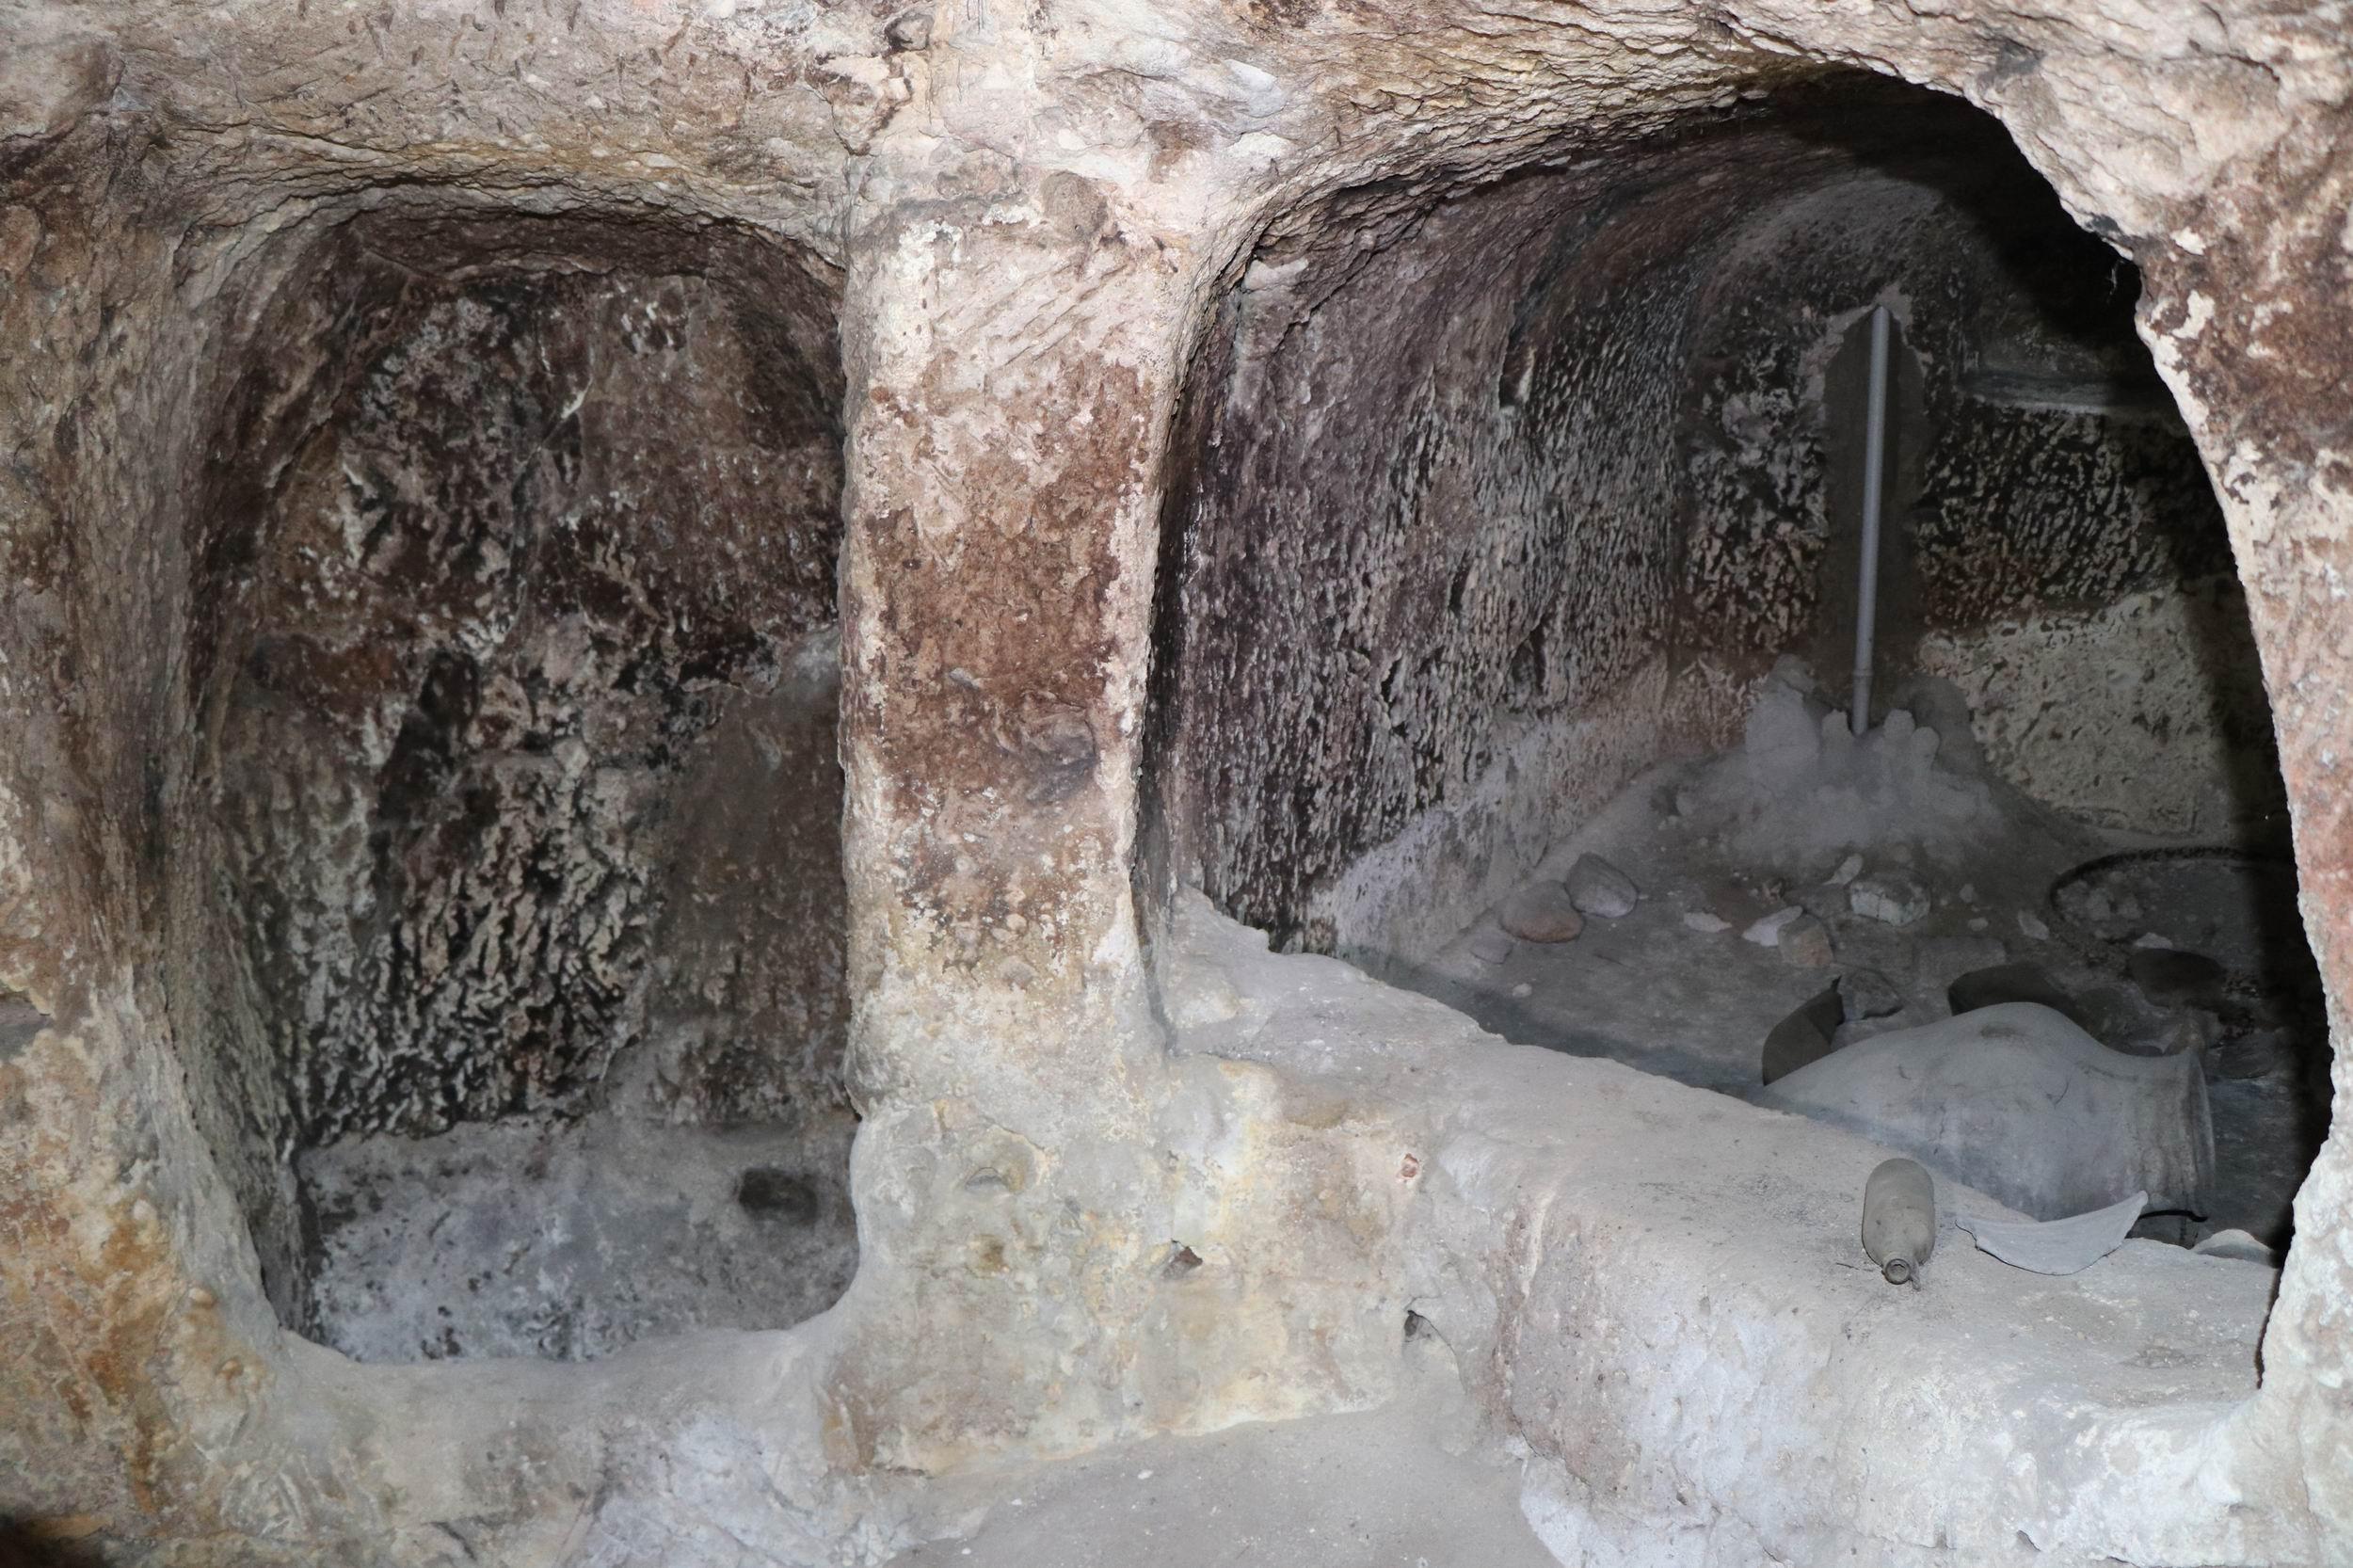 KAPADOKYA'DA YENİ BİR YERALTI ŞEHRİ